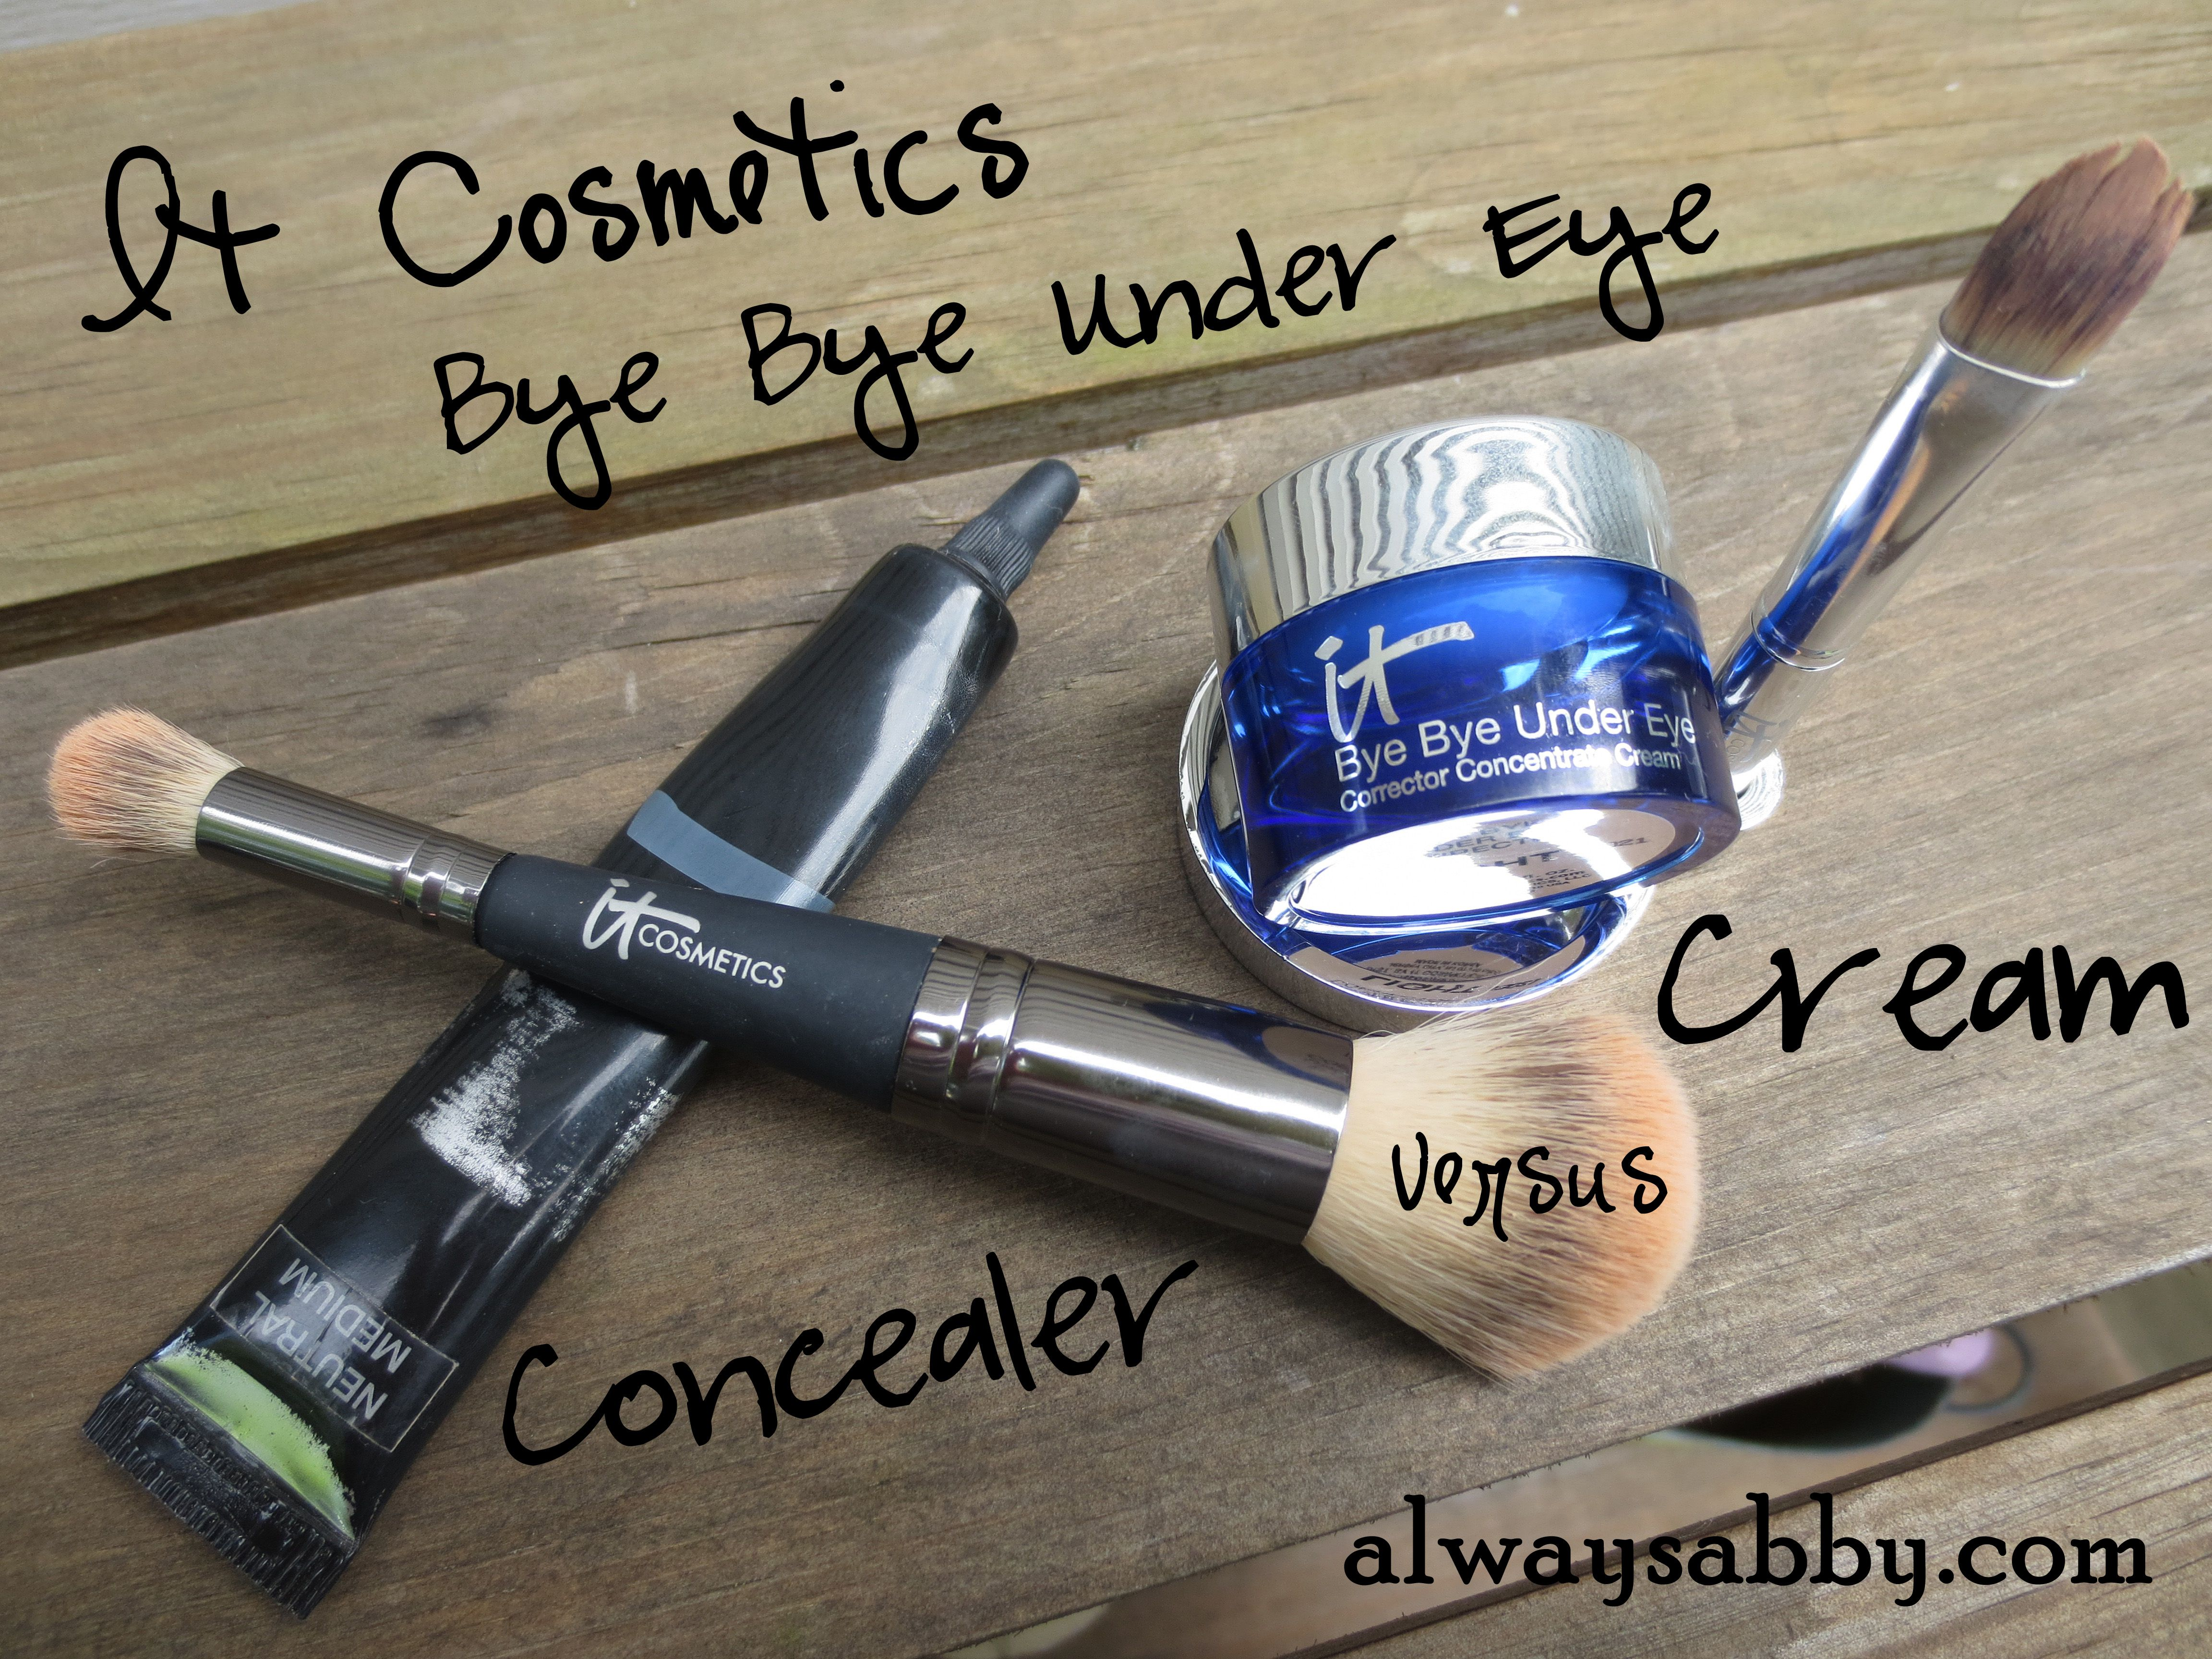 It Cosmetics Bye Bye Under Eye Concealer versus Corrector